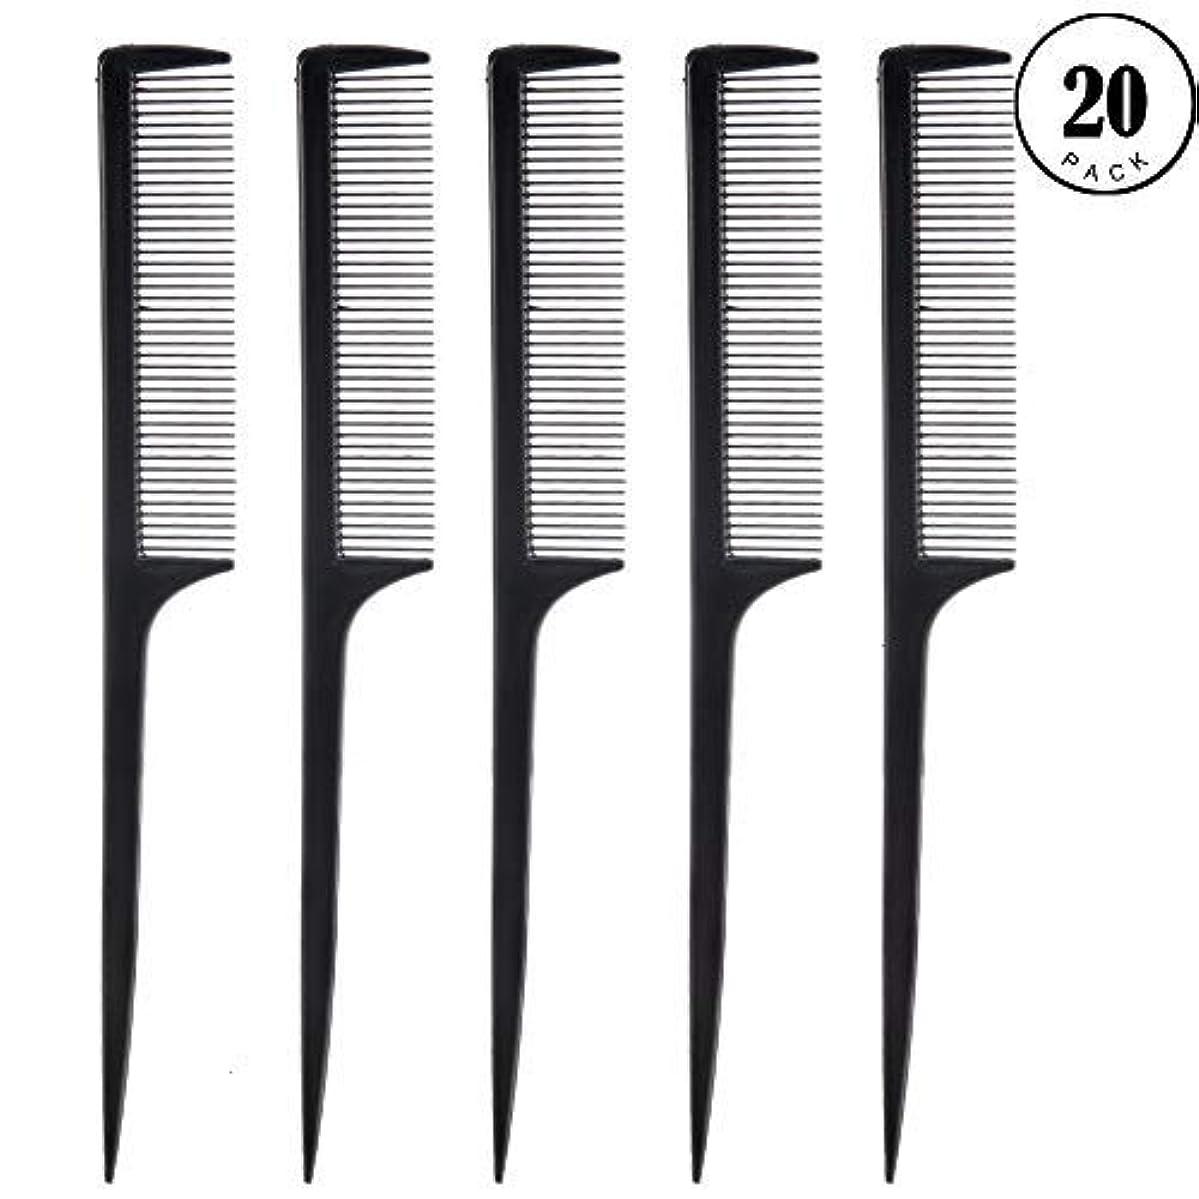 刈るテロ詩人Feeko Comb, 20 Pieces 21CM Plastic Lightweight Rat Tail Comb All Hair Types Black [並行輸入品]